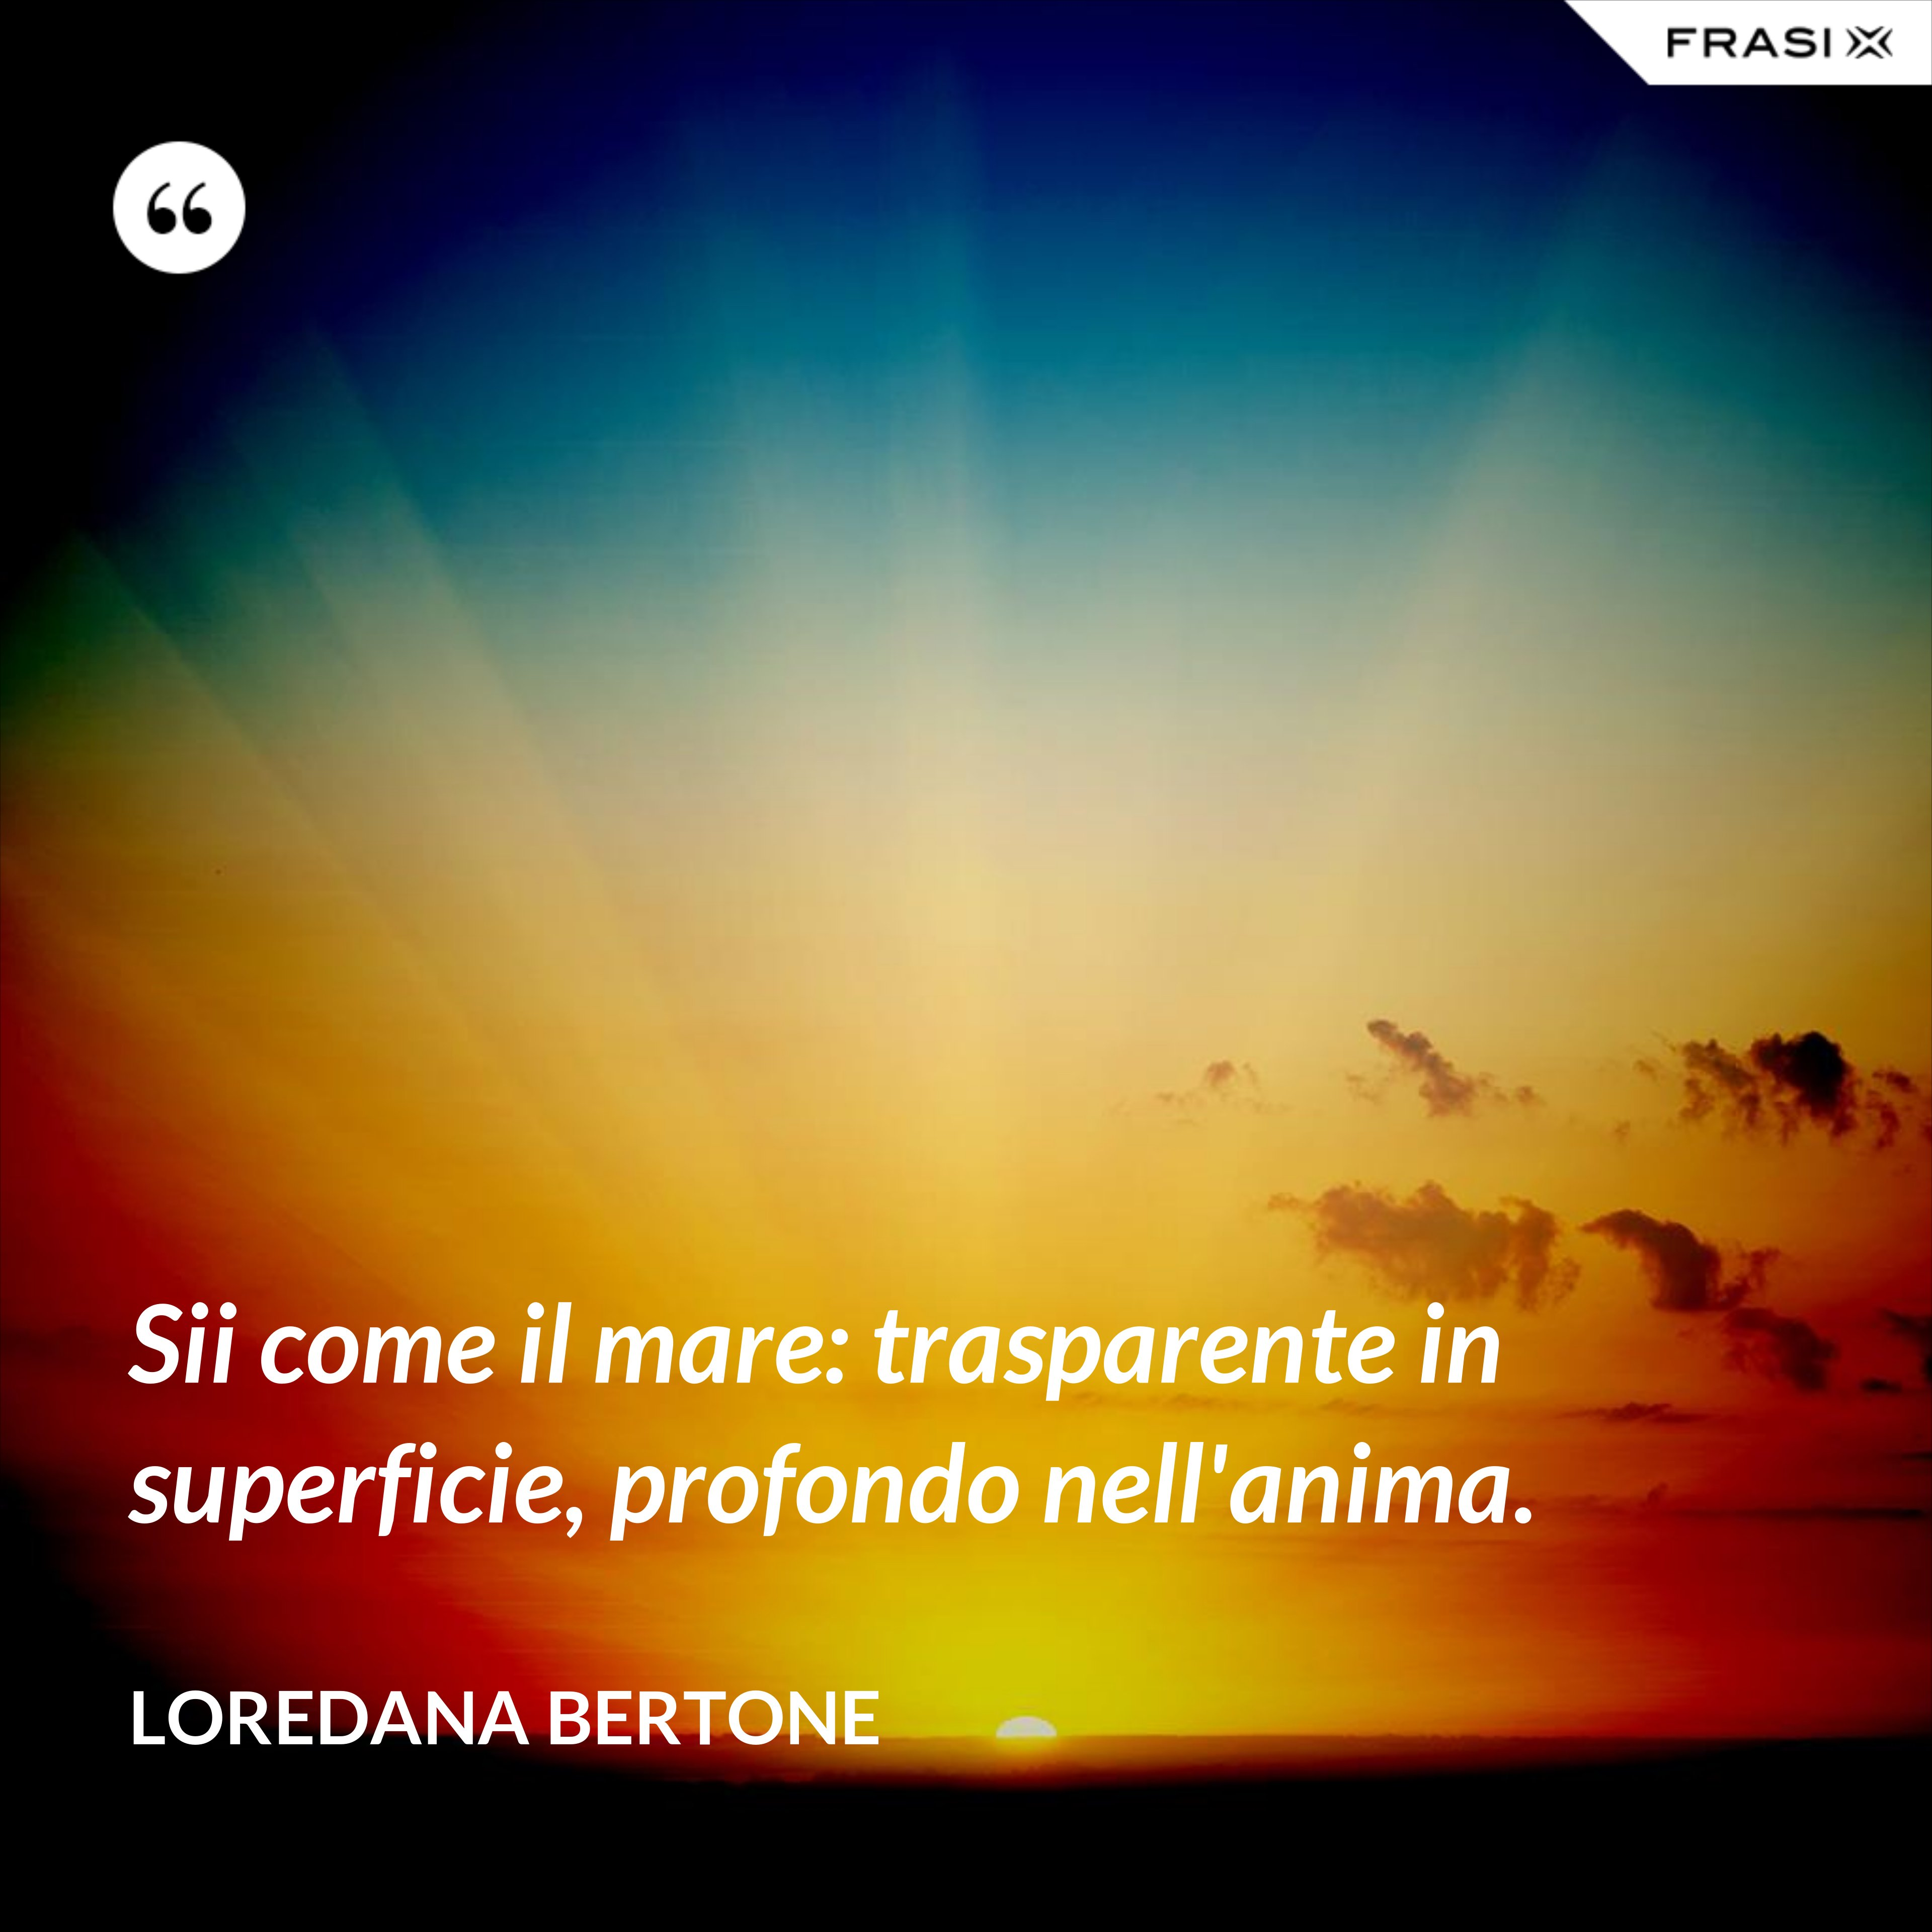 Sii come il mare: trasparente in superficie, profondo nell'anima. - Loredana Bertone